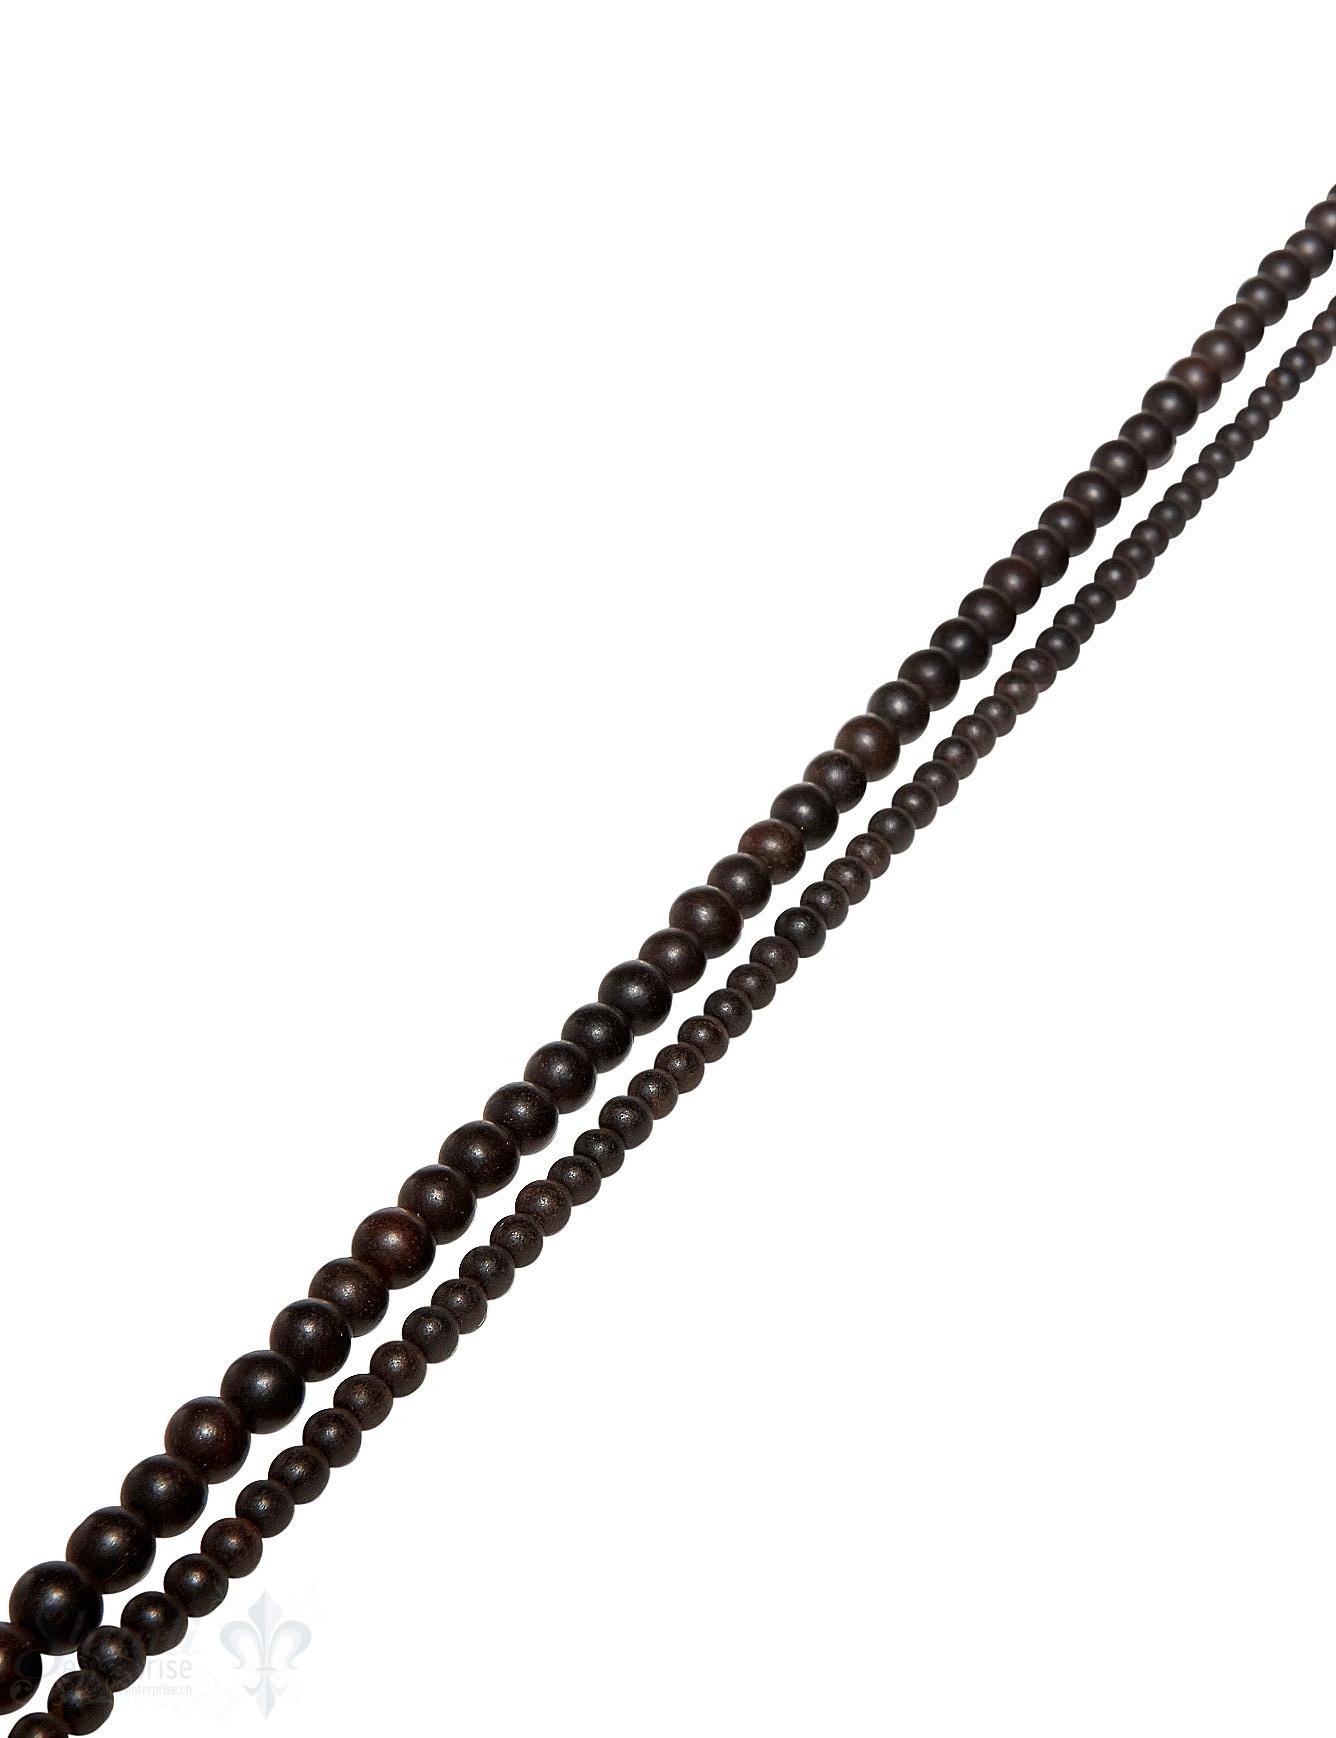 Adlerholz Strang dunkelbraun poliert